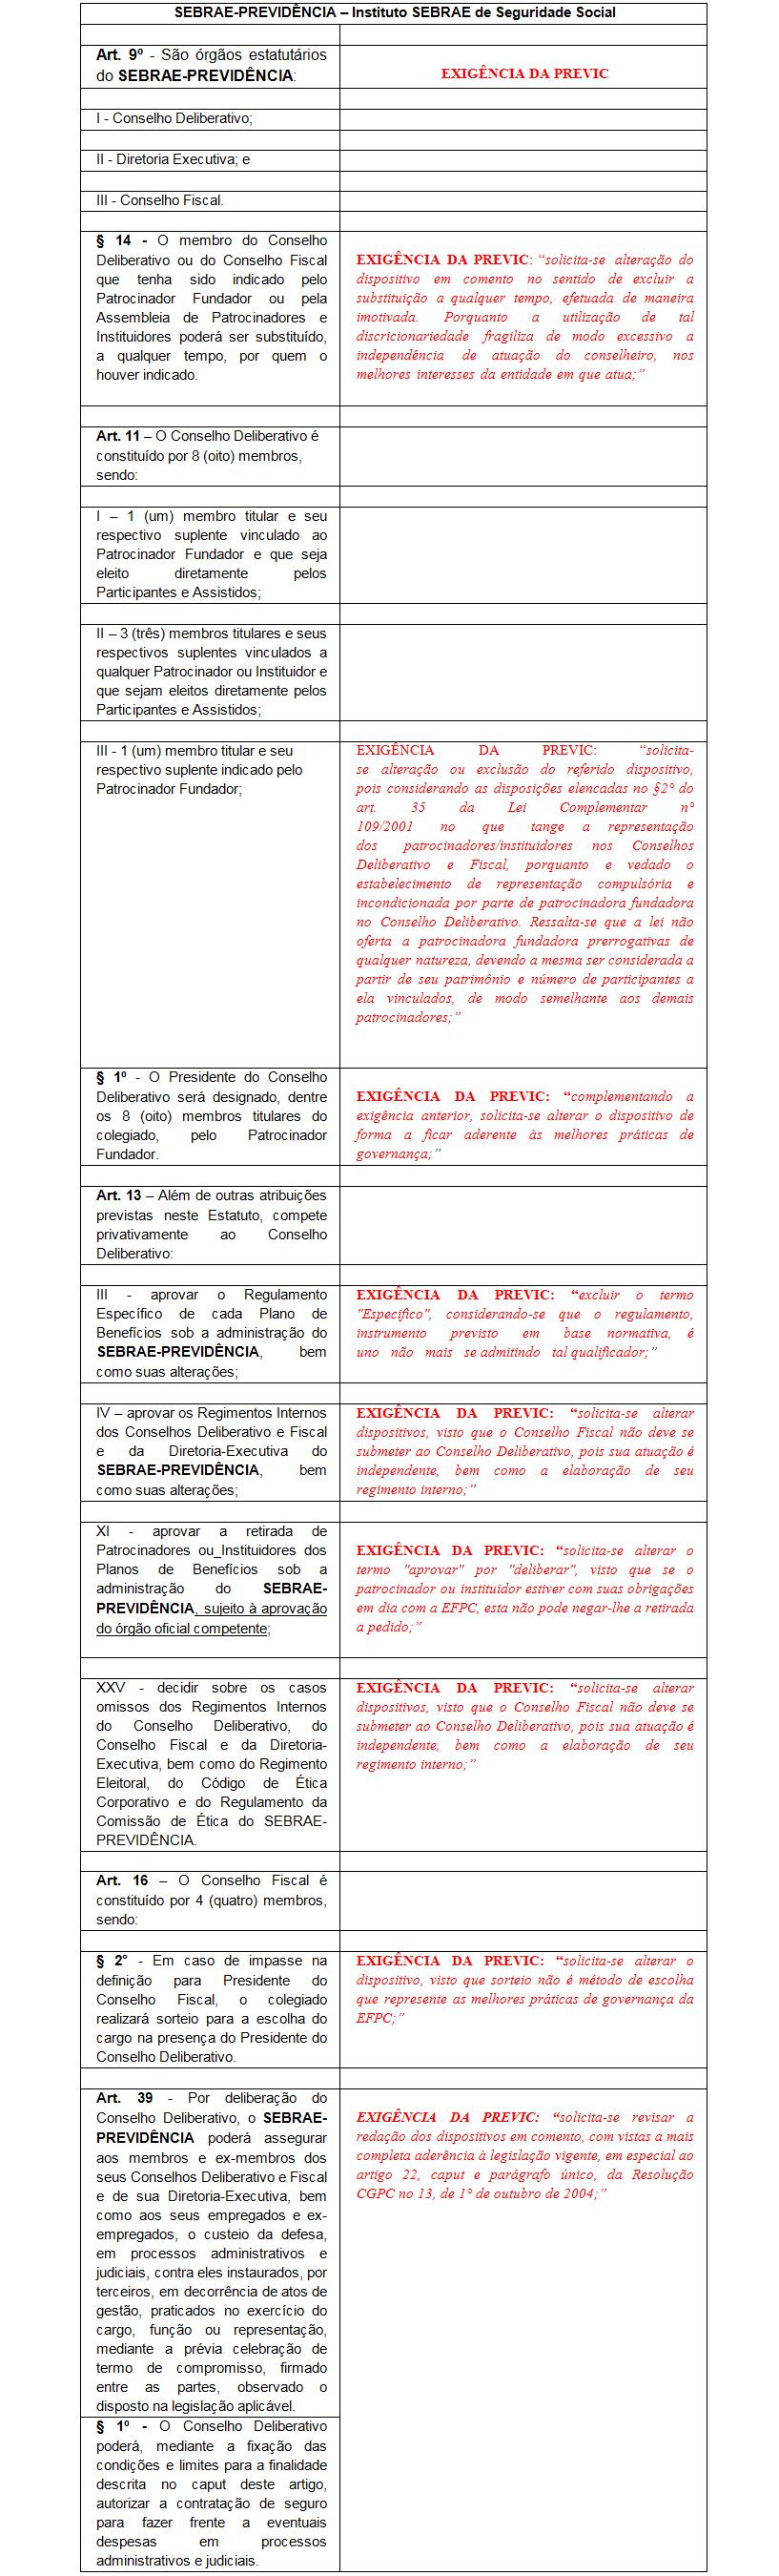 tabela02 PREVIC encaminha Nota sobre alteração do Estatuto